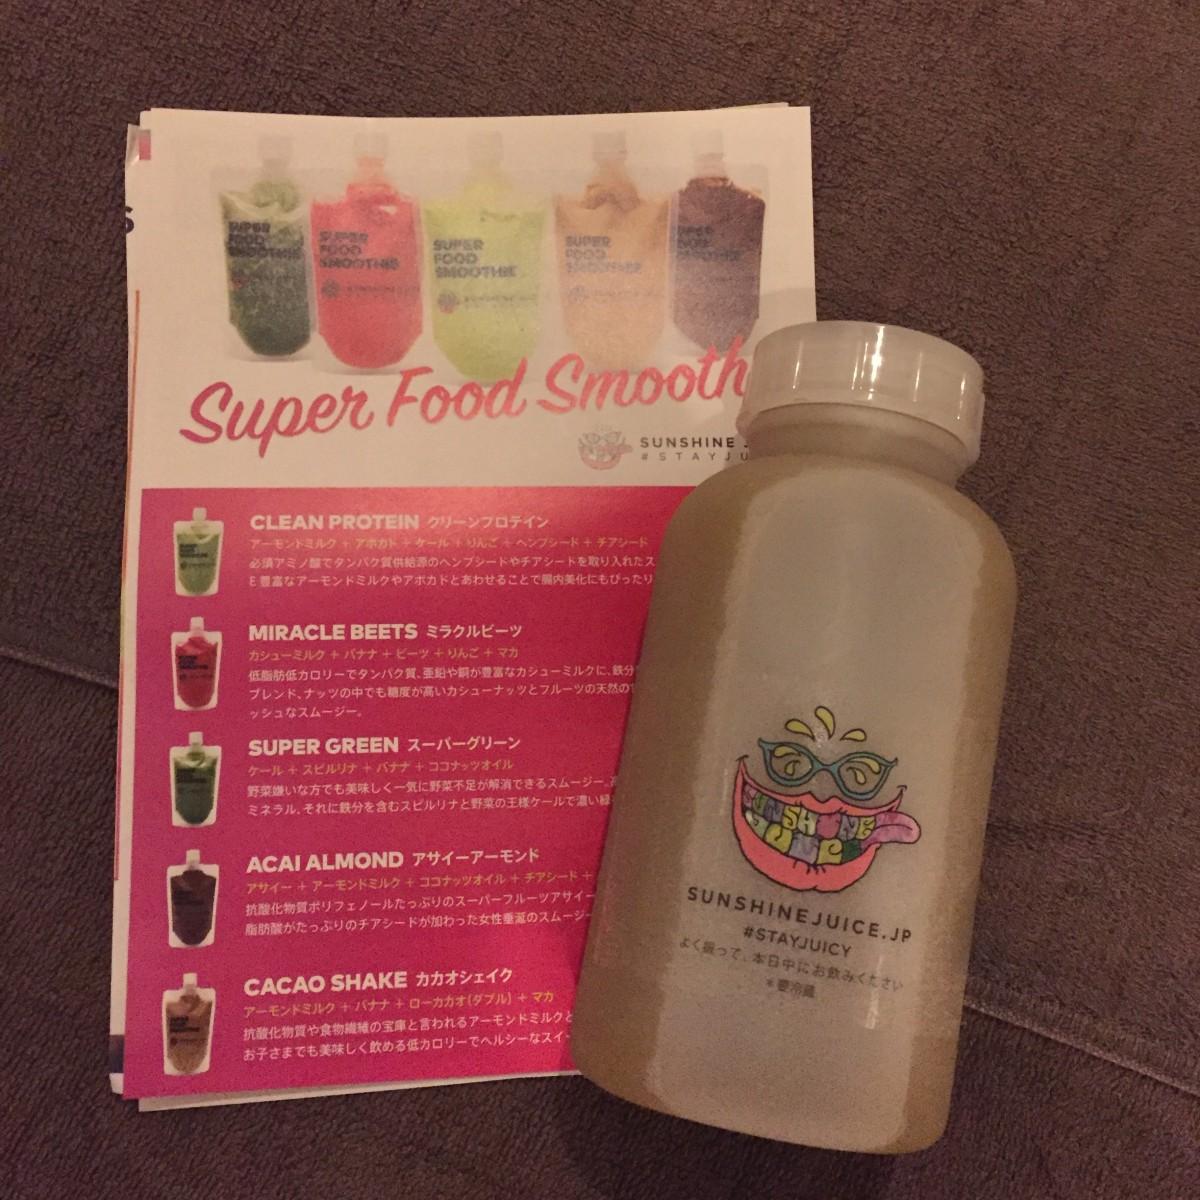 日本初のコールドプレスジュース専門店**サンシャインジュースで飲むサラダ体験